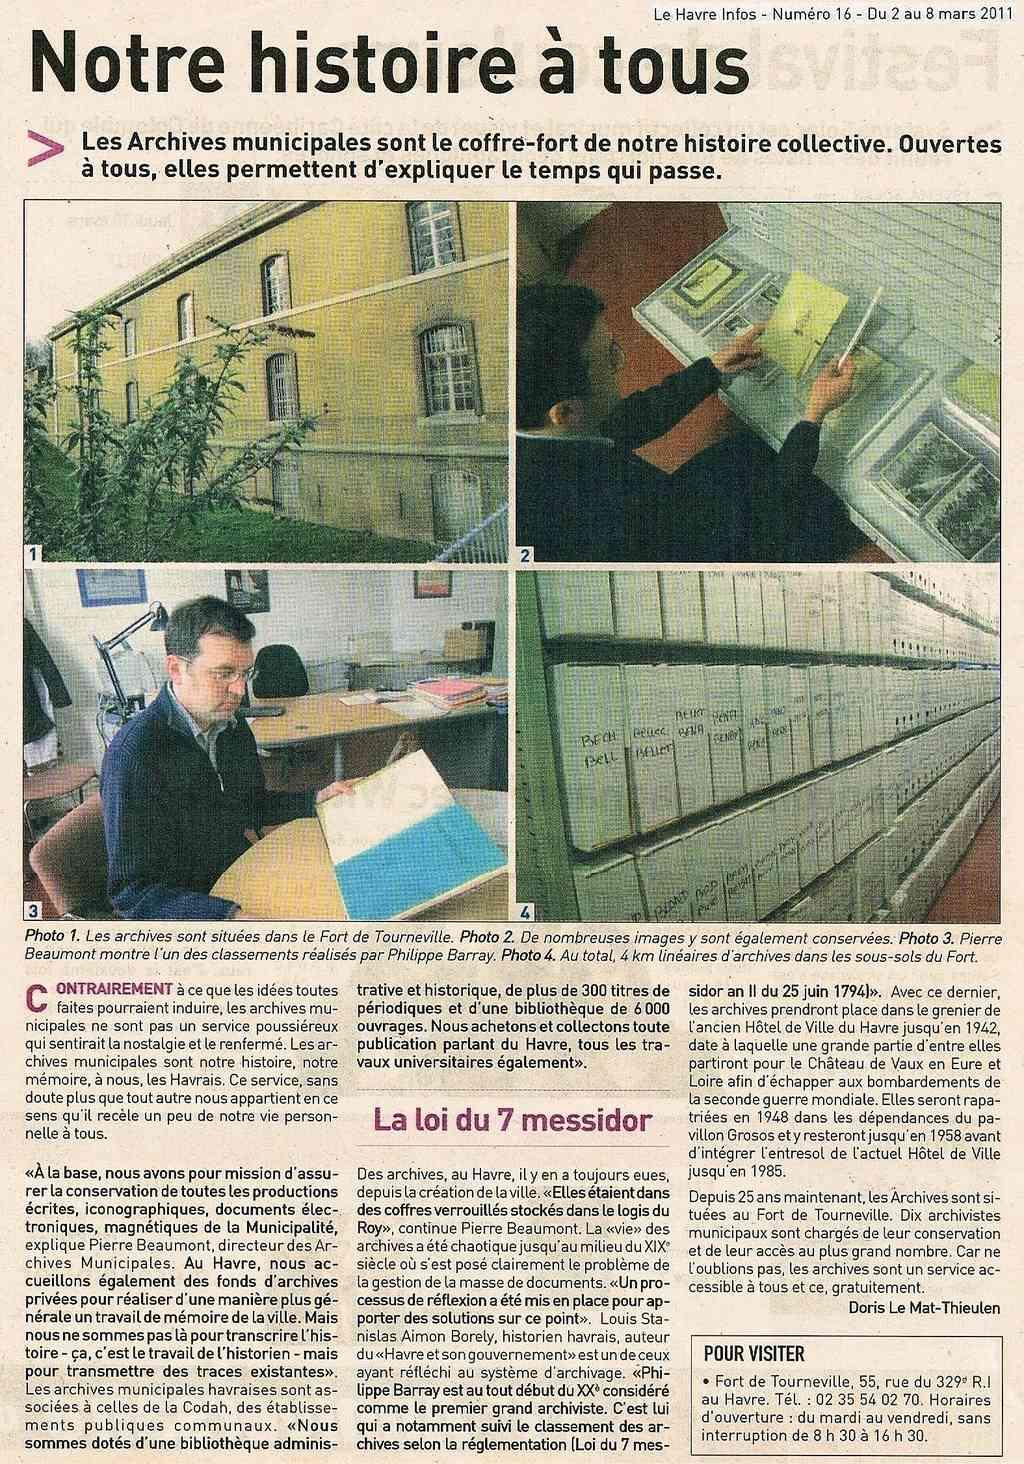 Archives Municipales du Havre - Notre histoire à tous 2011-013